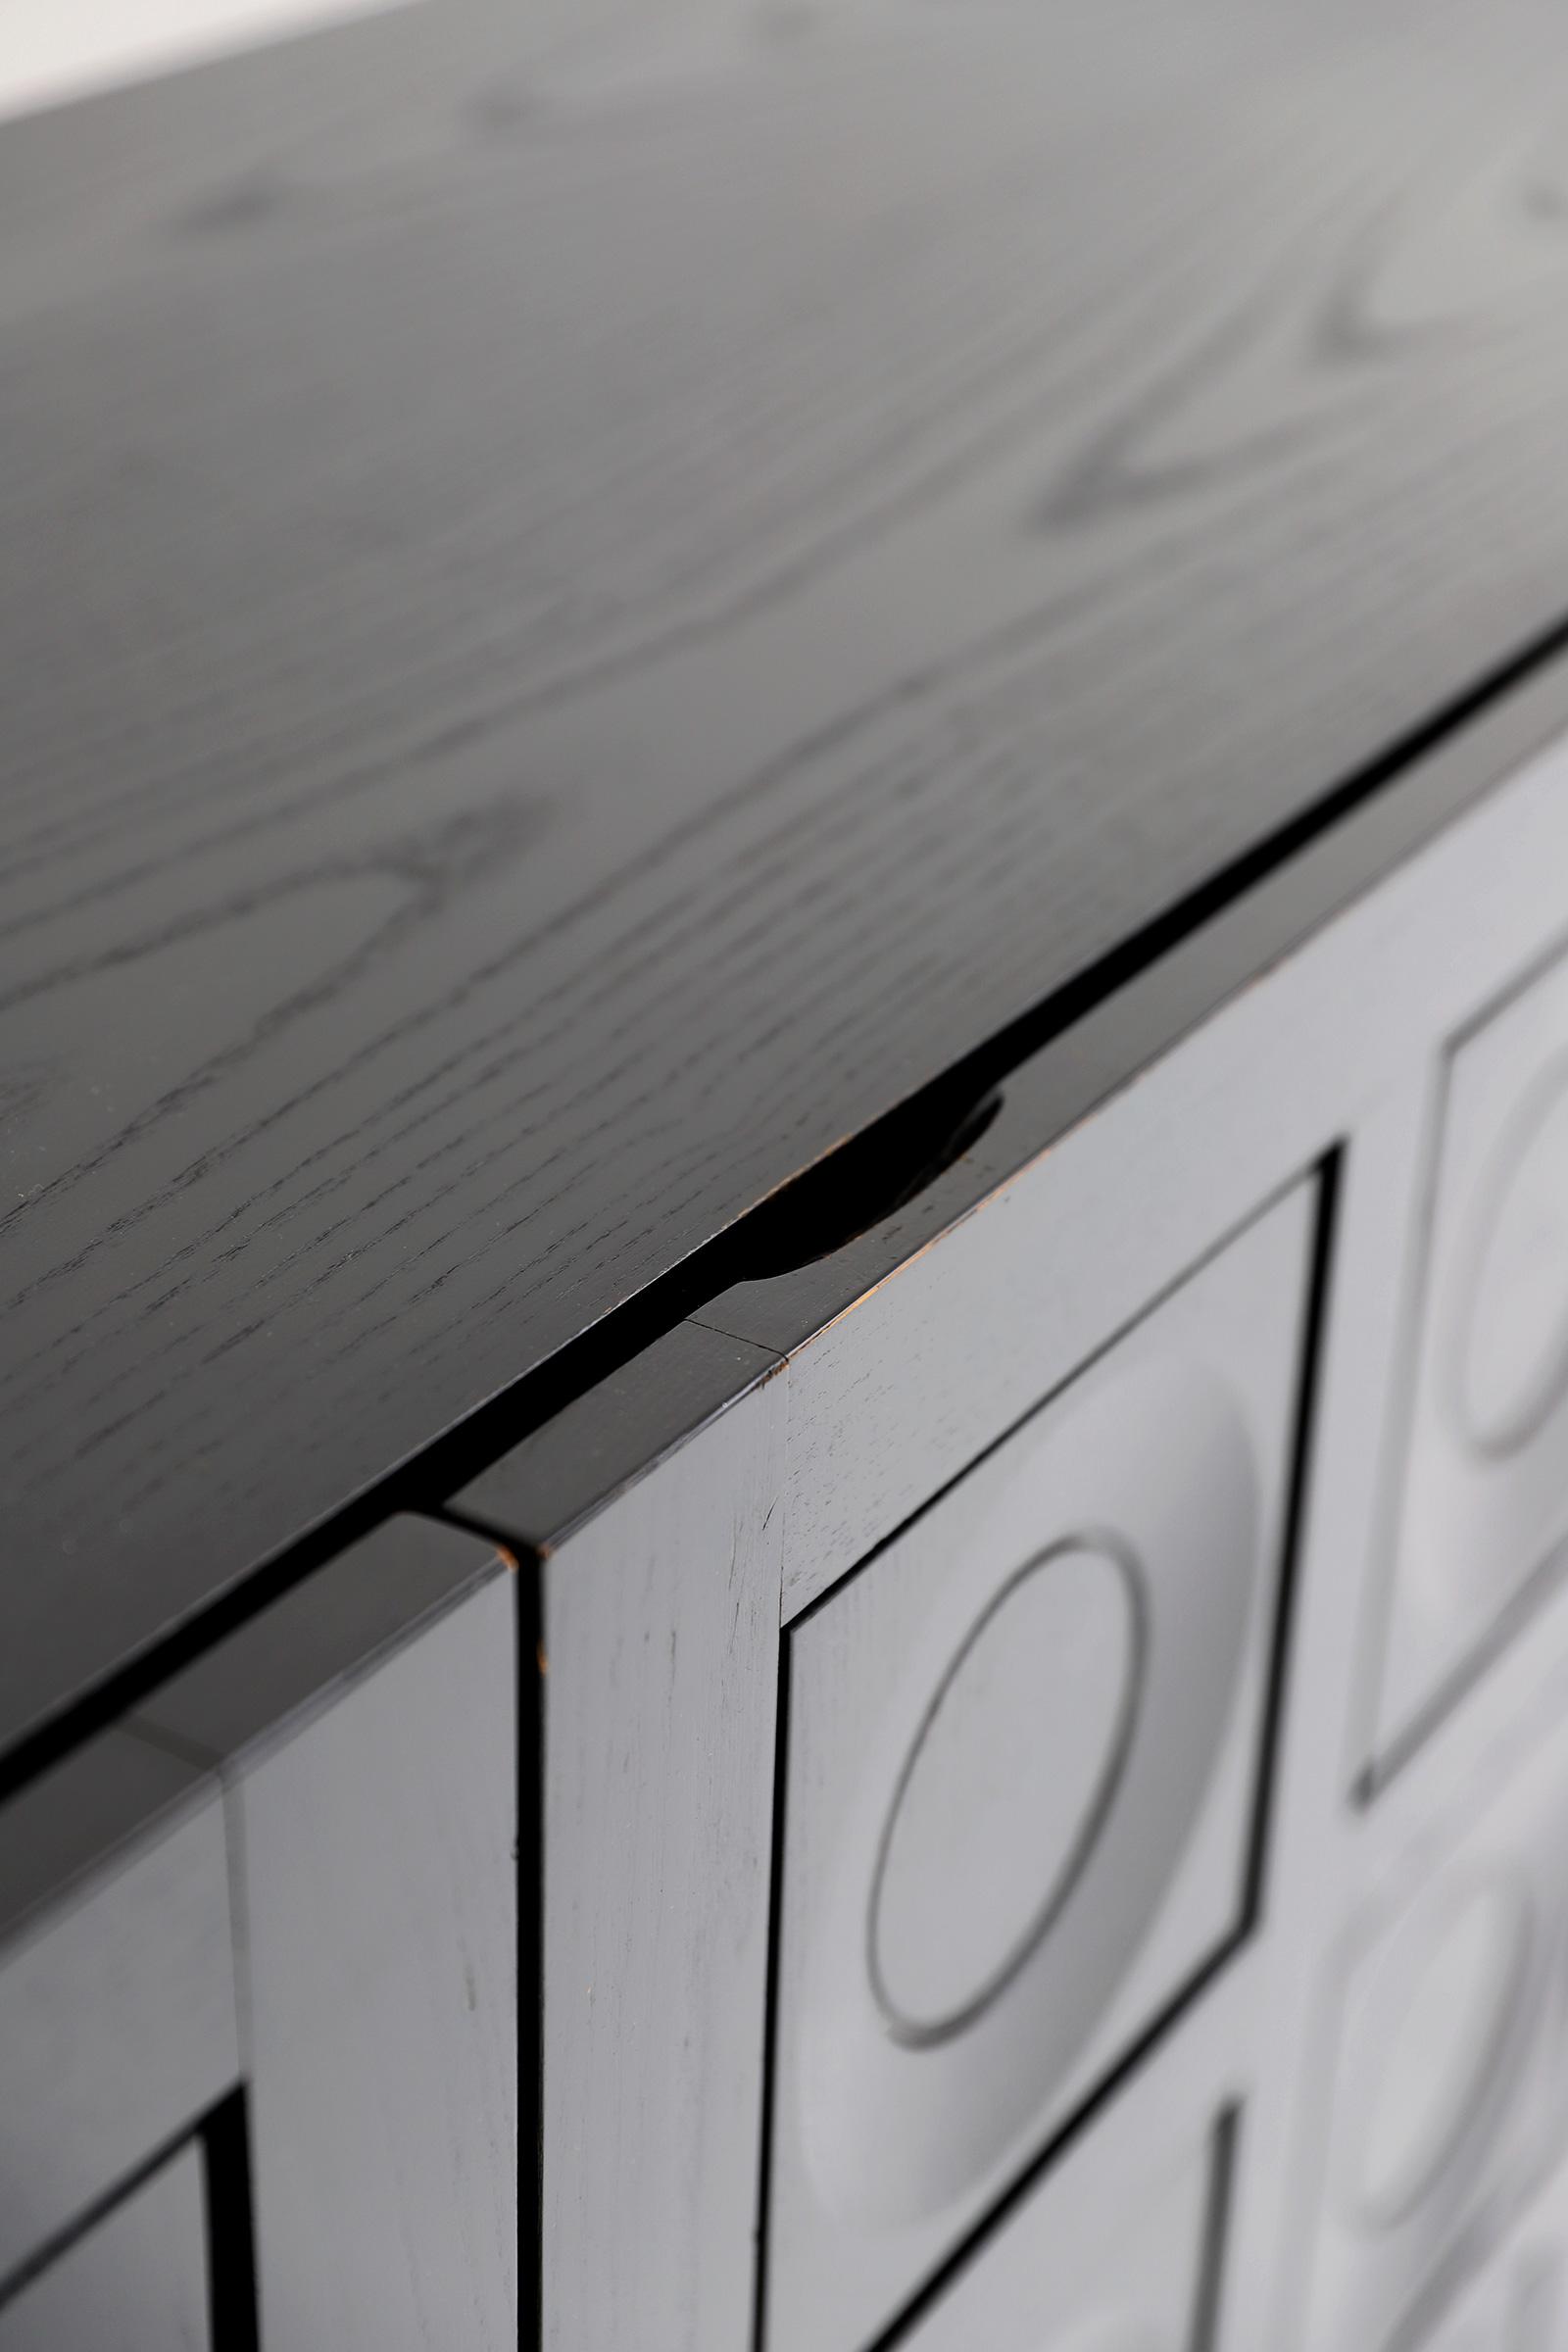 Defour 1970s Sideboard Graphic doorsimage 9